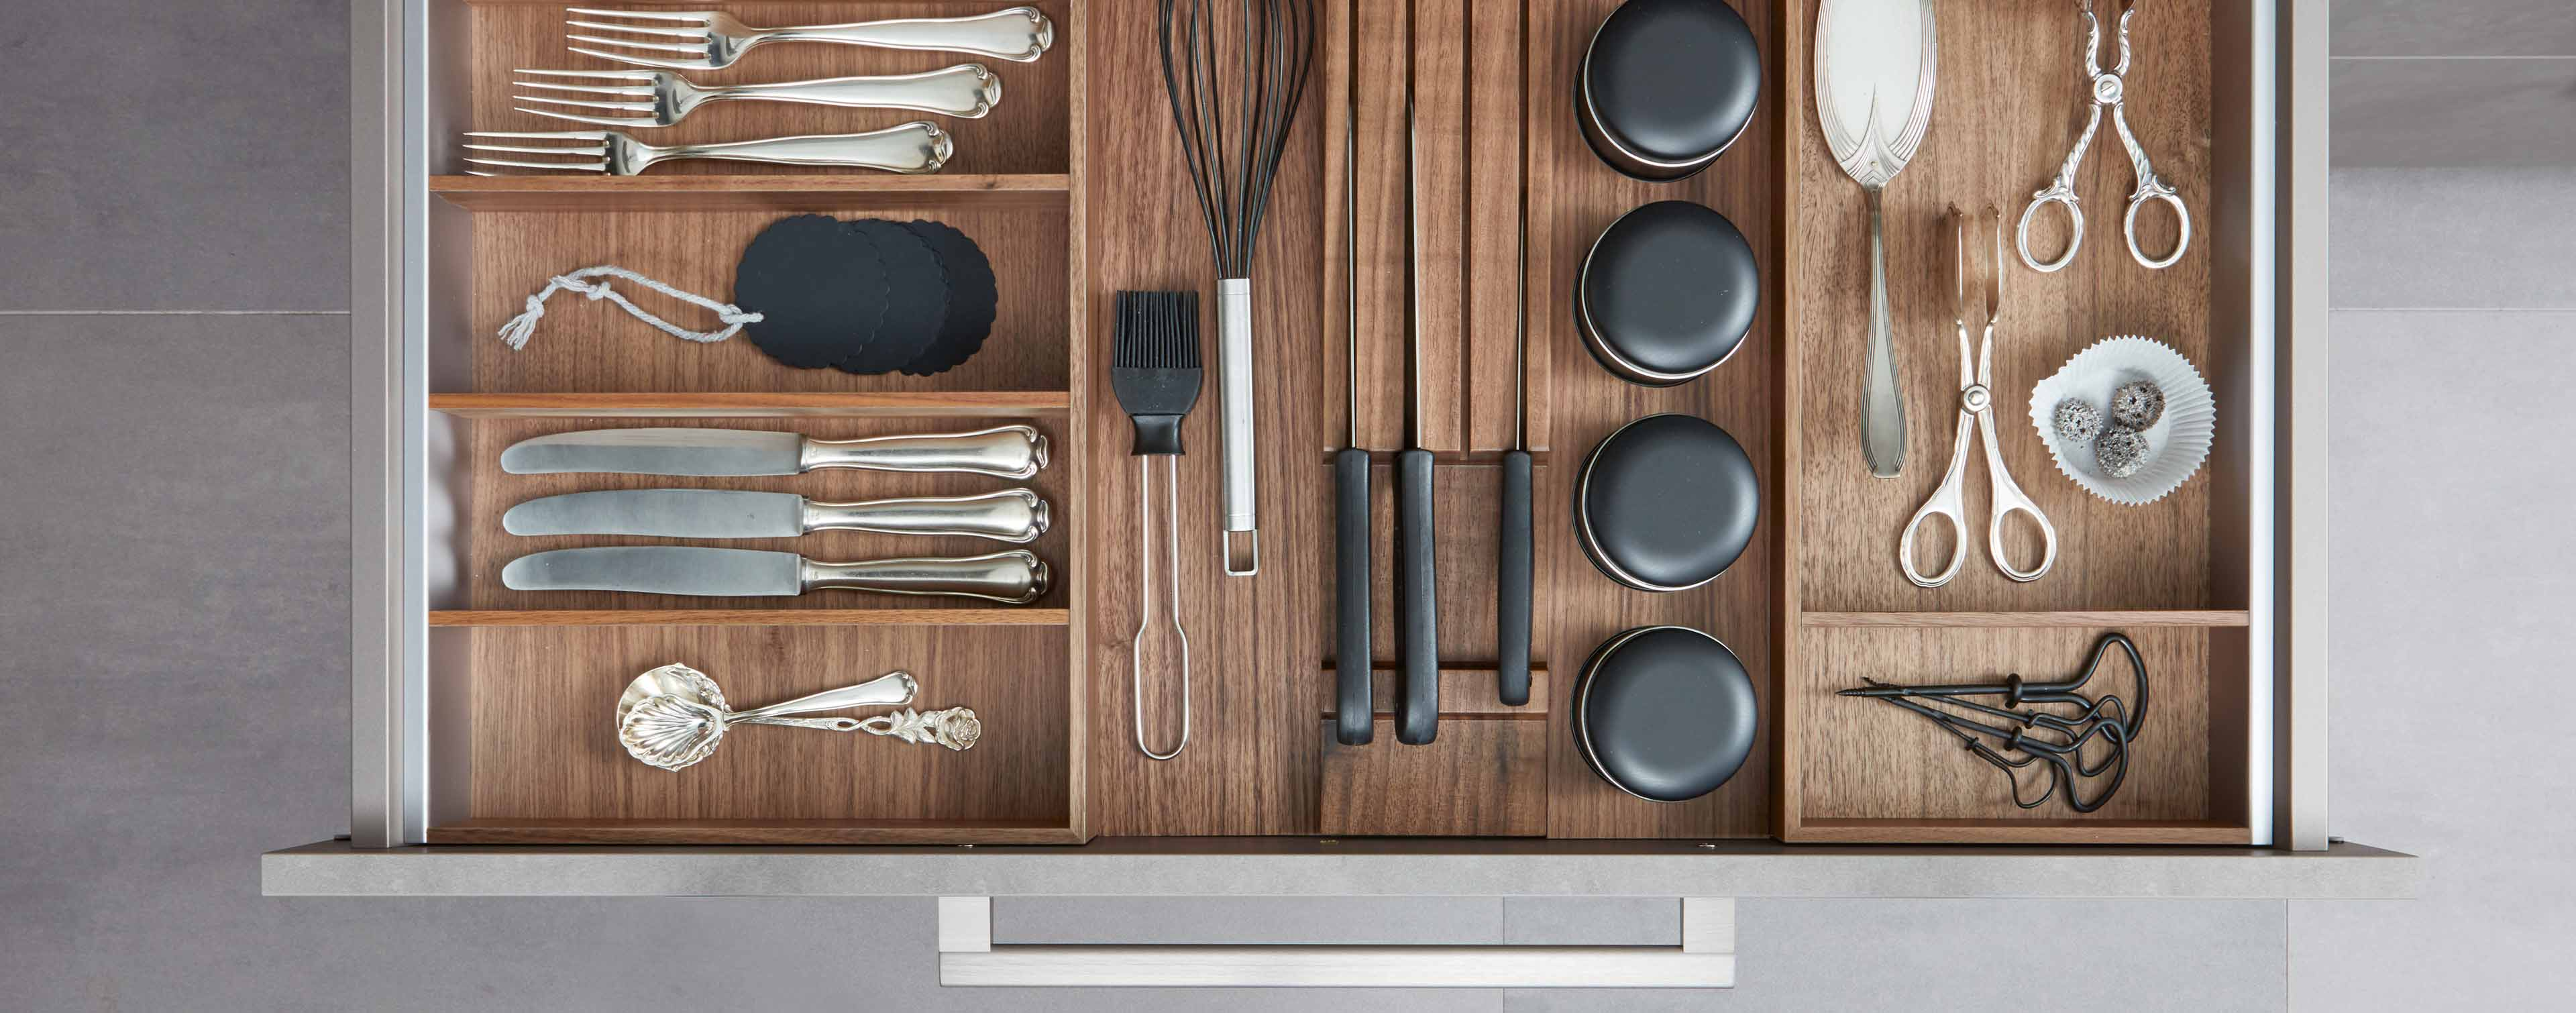 Küche Schublade Organisation